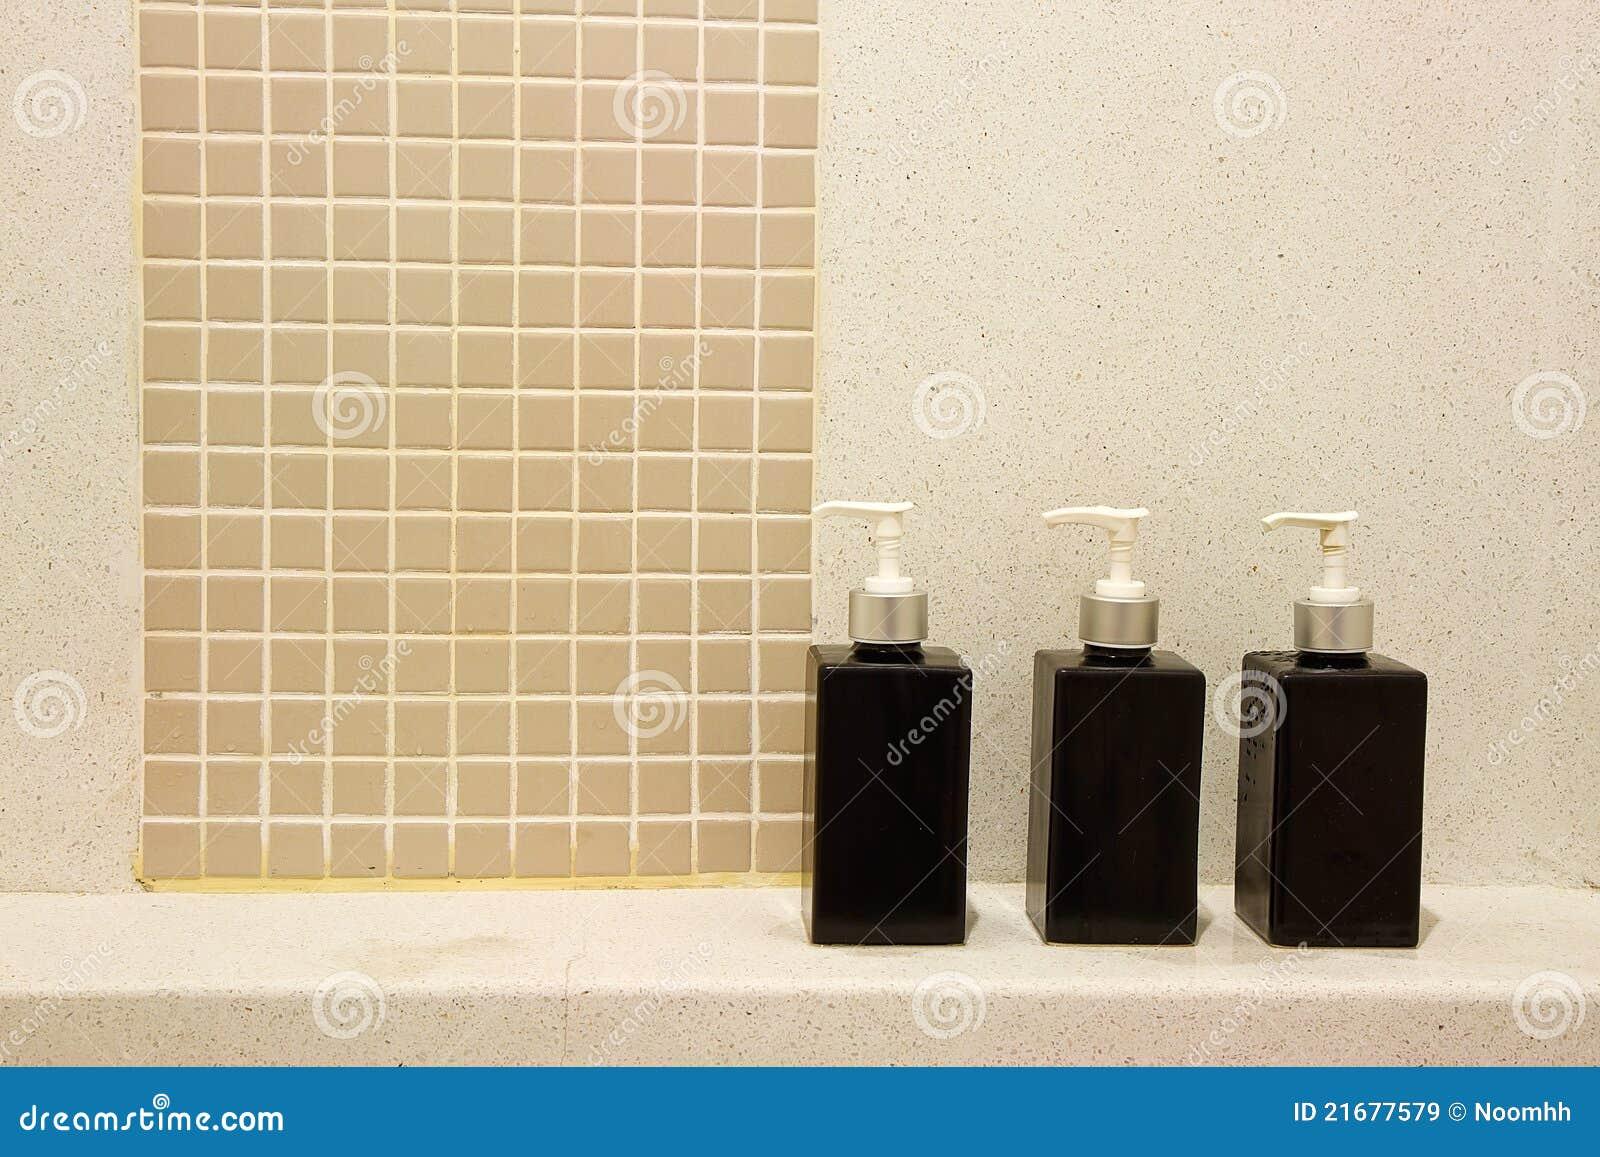 Badezimmer-Zubehör stockbild. Bild von würfel, shampoo - 21677579